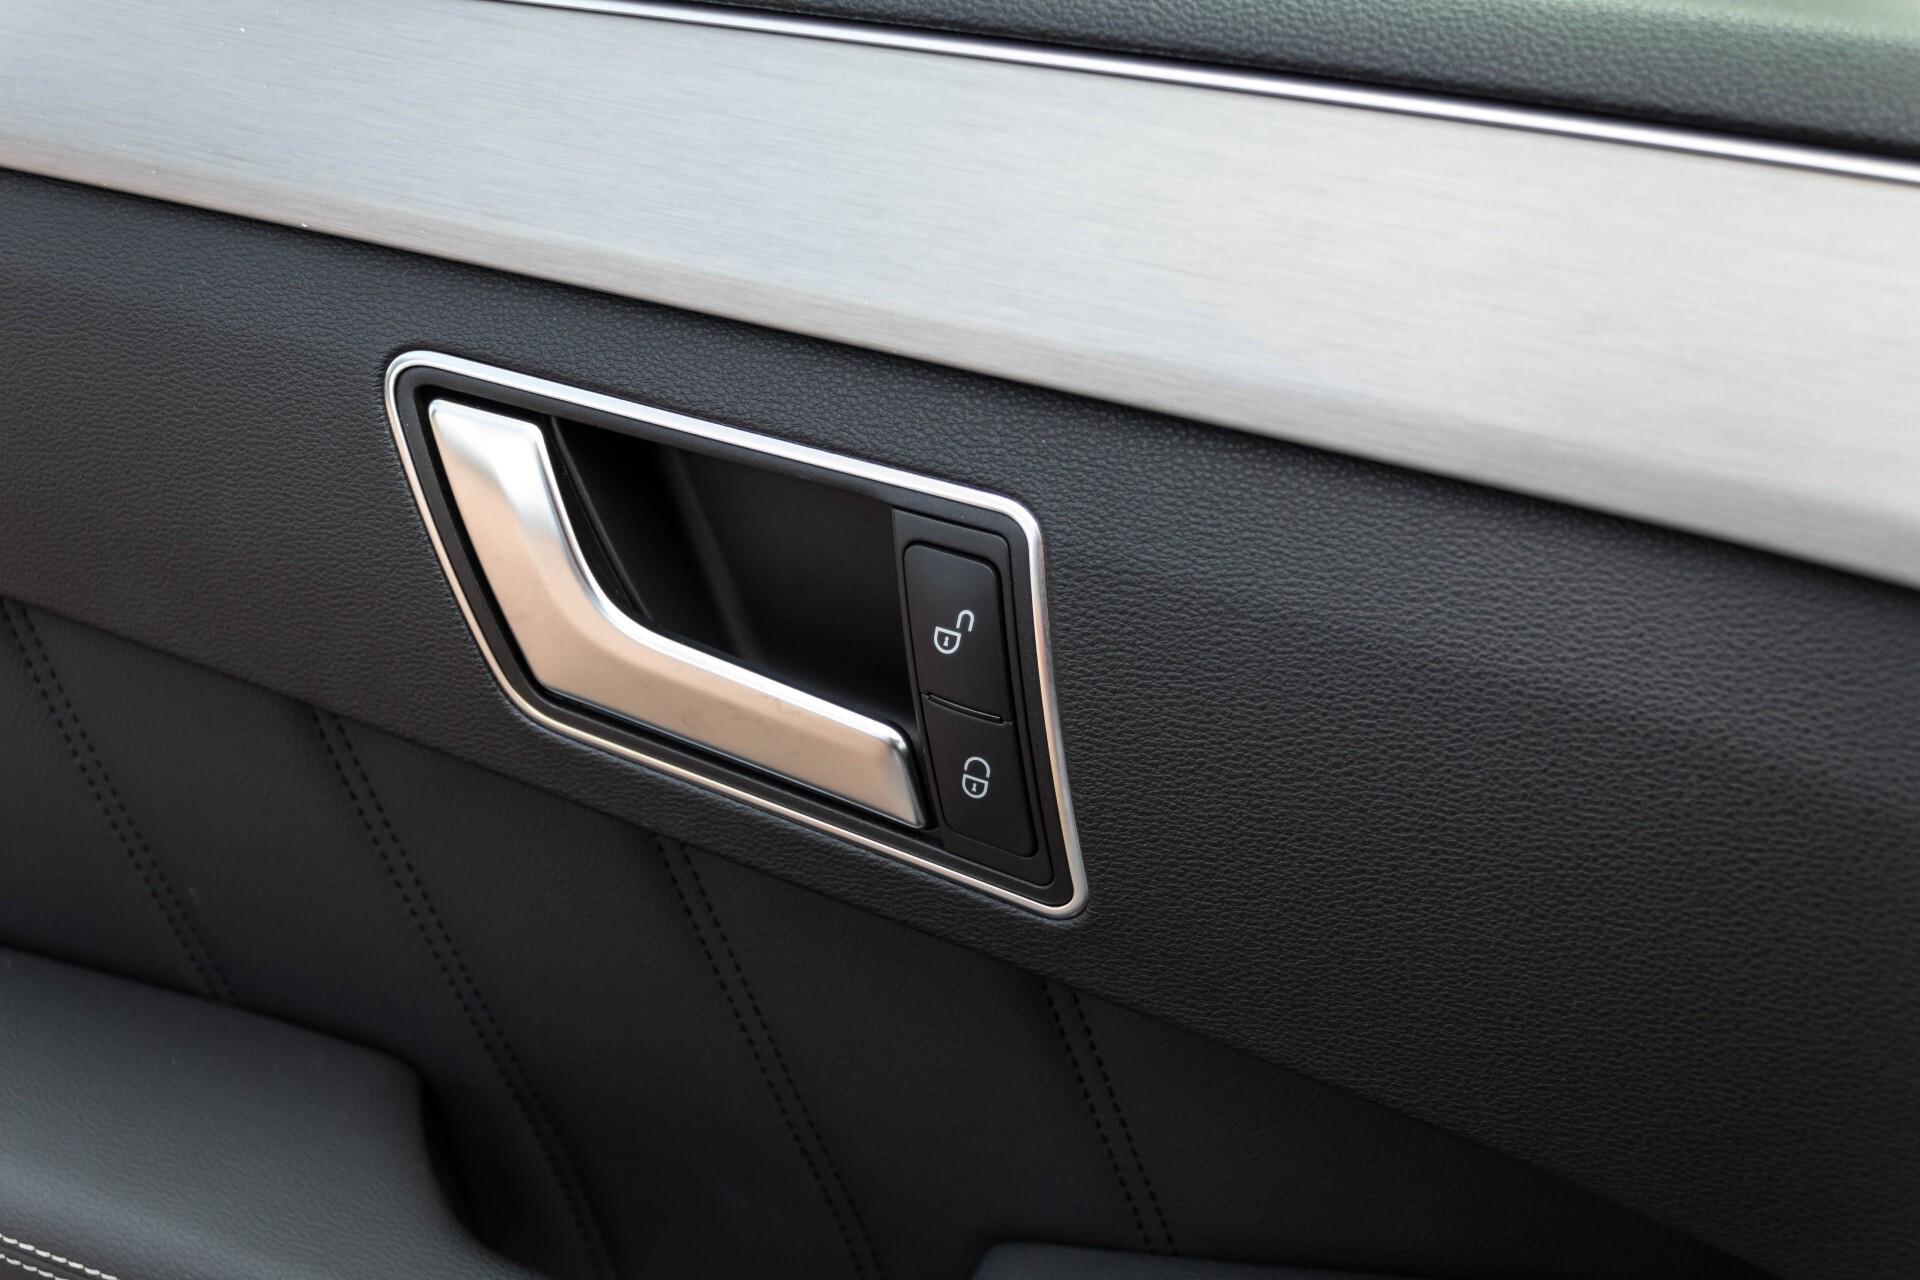 Mercedes-Benz E-Klasse Estate 350 Cdi AMG Luchtvering/Schuifdak/Comand/Harman Kardon/ILS Aut7 Foto 18